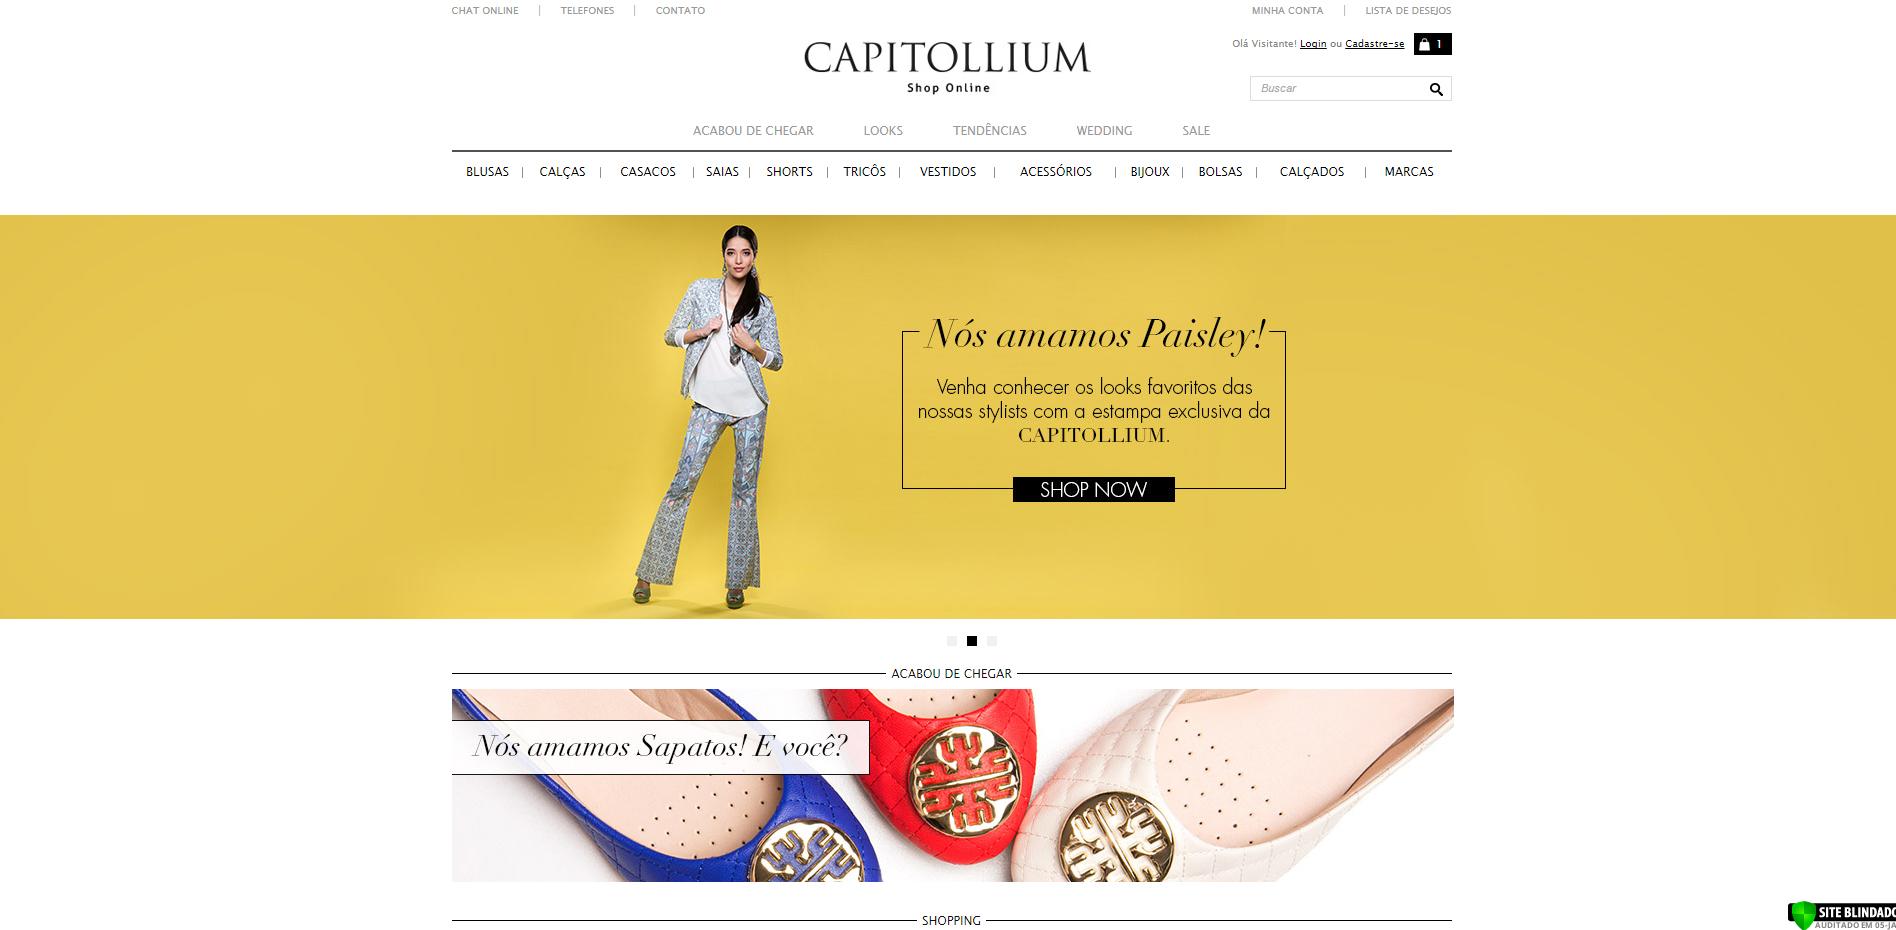 Capitollium Página Inicial